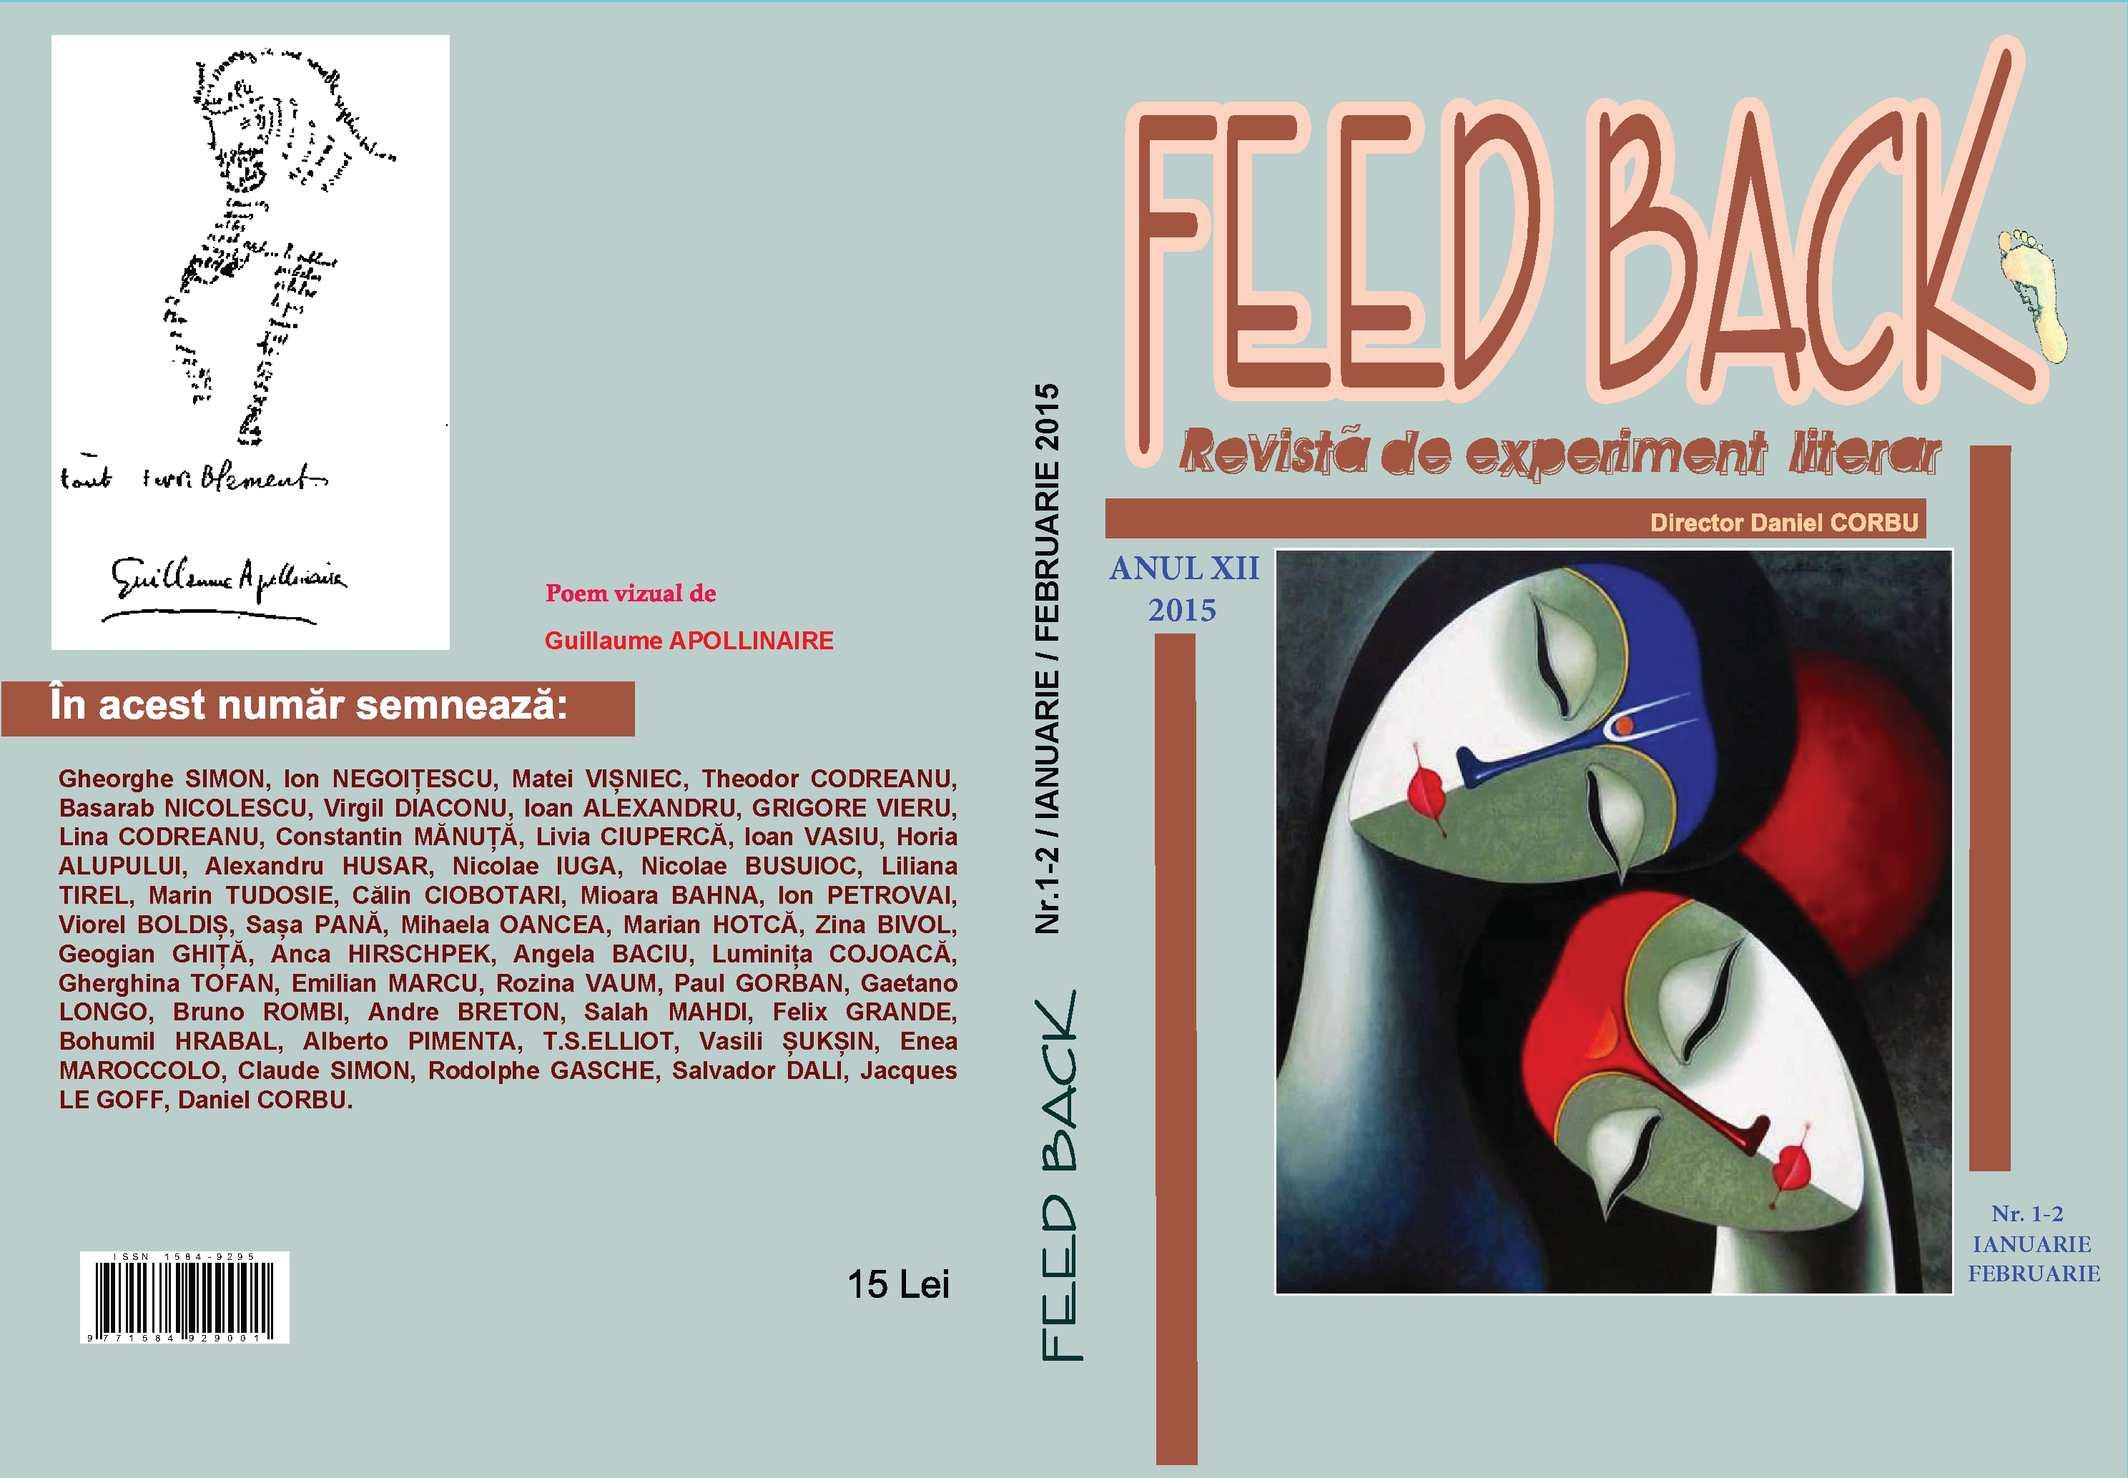 (PDF) Colecţie coordonată de DENISA COMĂNESCU | Alexandra Serban and Teodora Avram - alegsatraiesc.ro